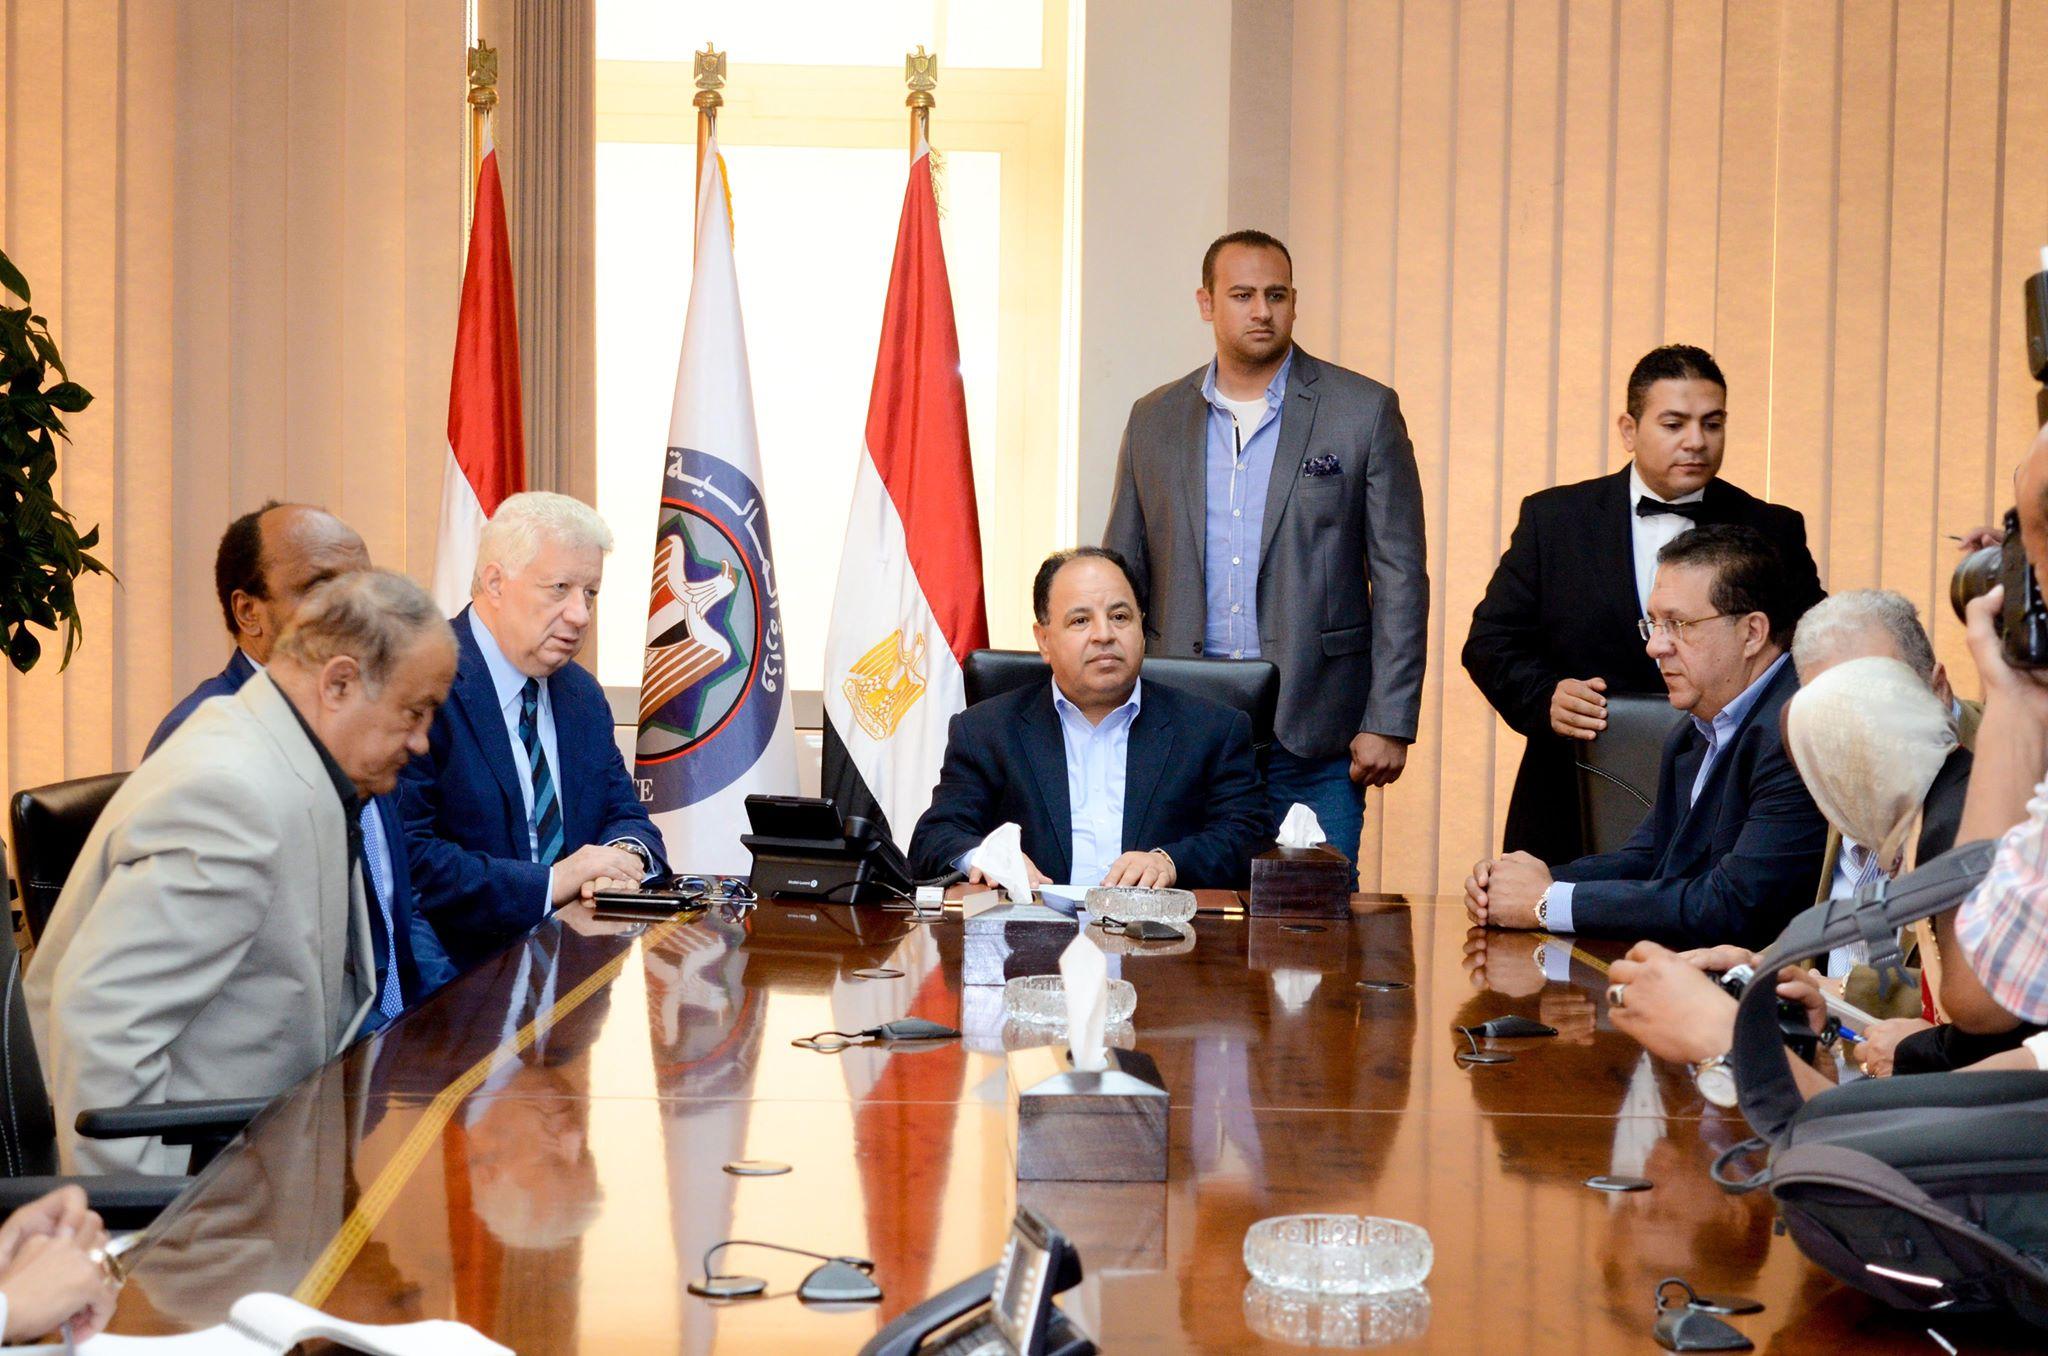 جلسة مجلس الزمالك مع وزير المالية (3)